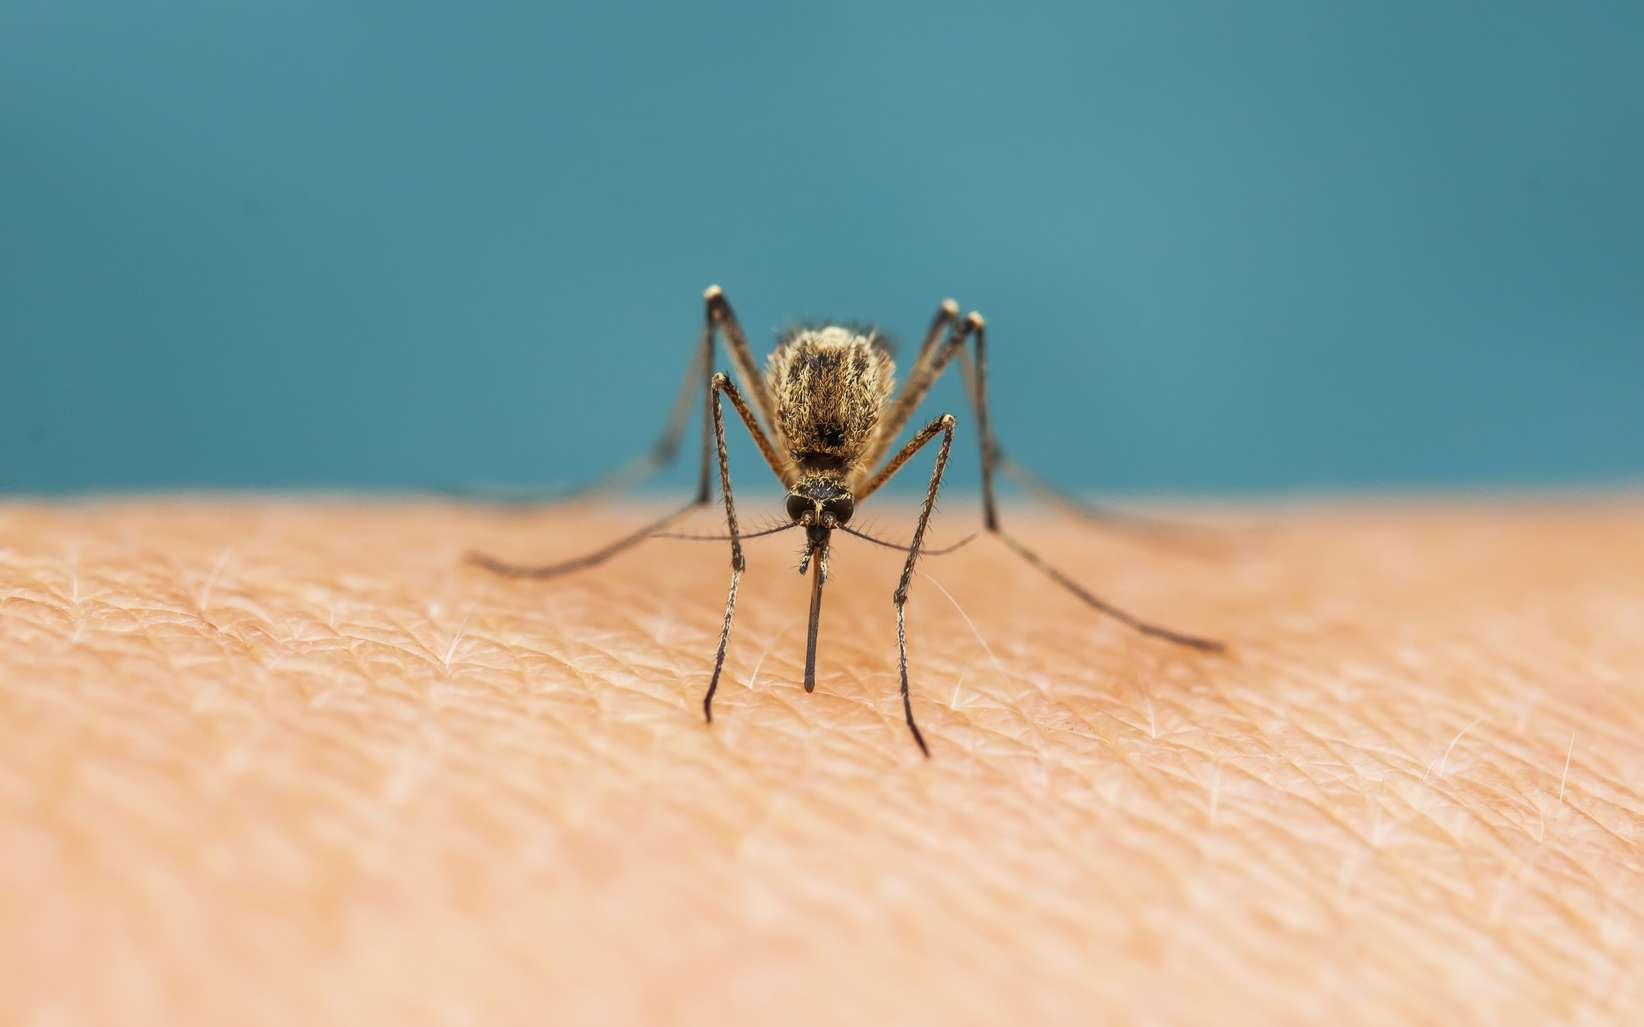 Les bactéries et champignons de notre peau émettent une « signature chimique » qui attire plus ou moins les moustiques. © Nataba, Fotolia